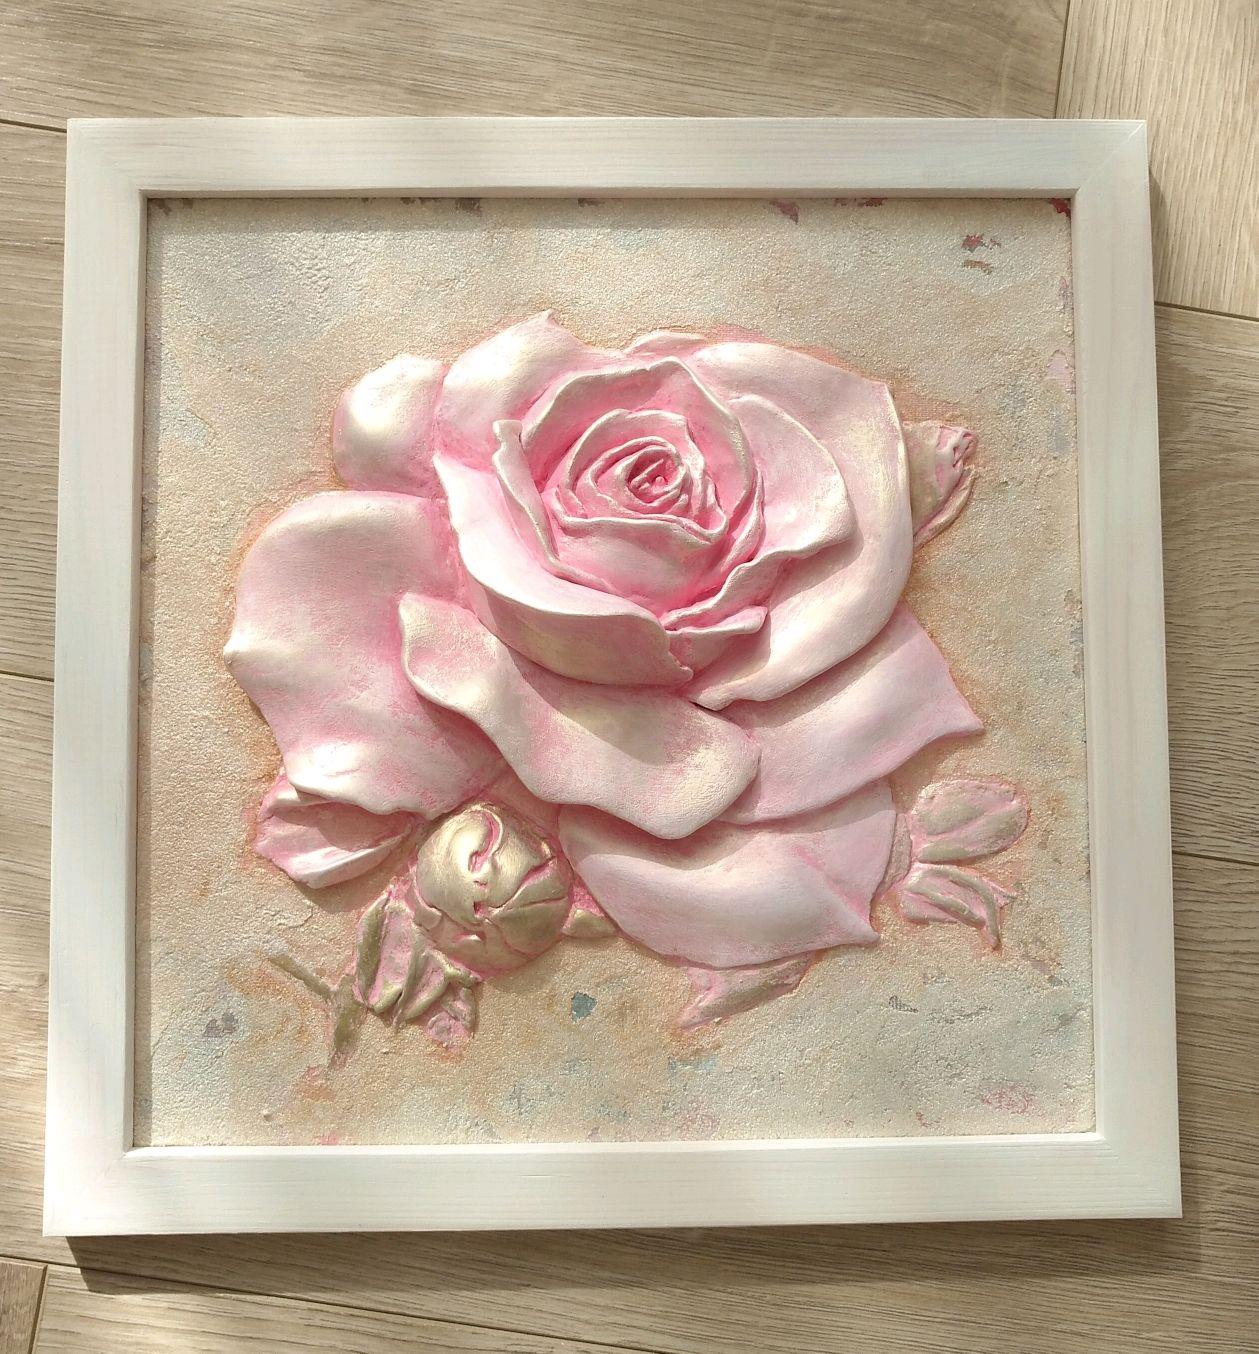 делянках картинки объемные розы них можно наблюдать